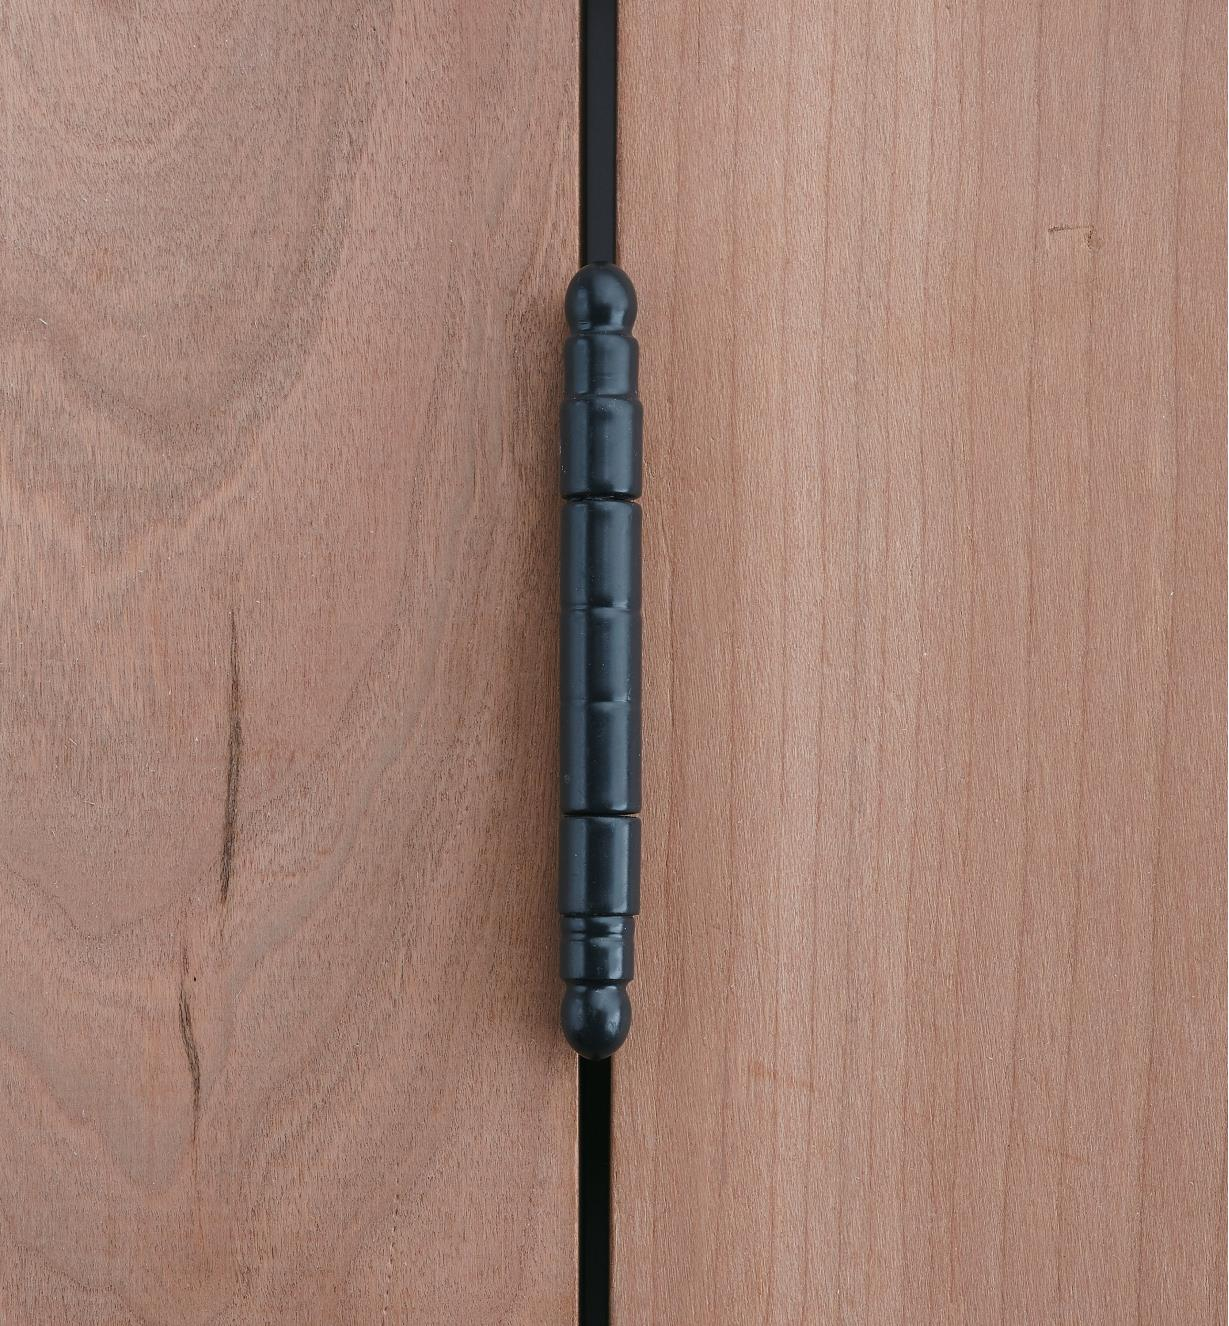 01H3063 - Charnières pour porte encastrée, meuble à cadre, embouts à vase, noir, lelotde8